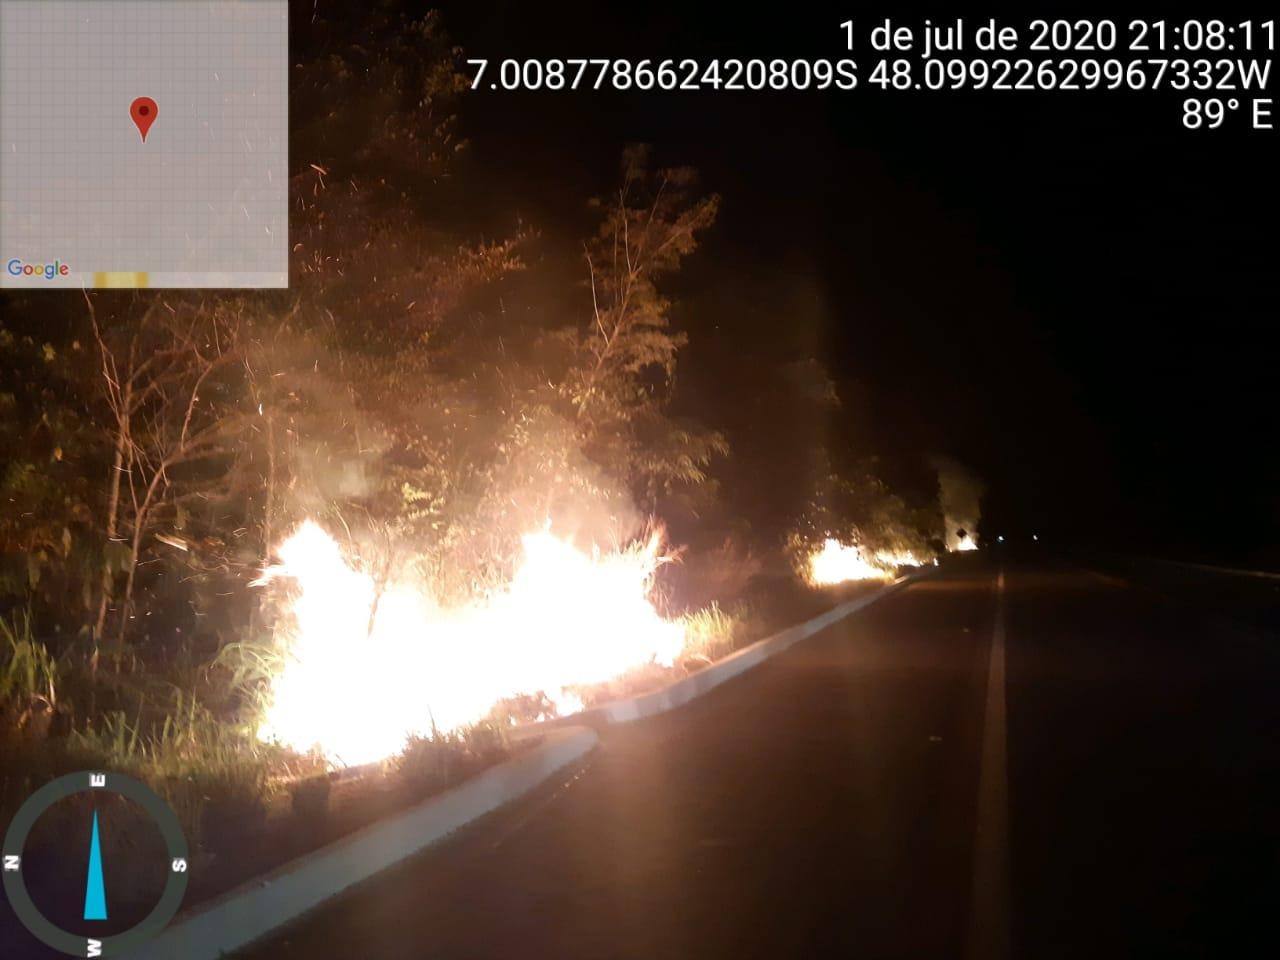 Queimadas nas Rodovias – PRF flagra homens causando incêndios às margens da BR 153